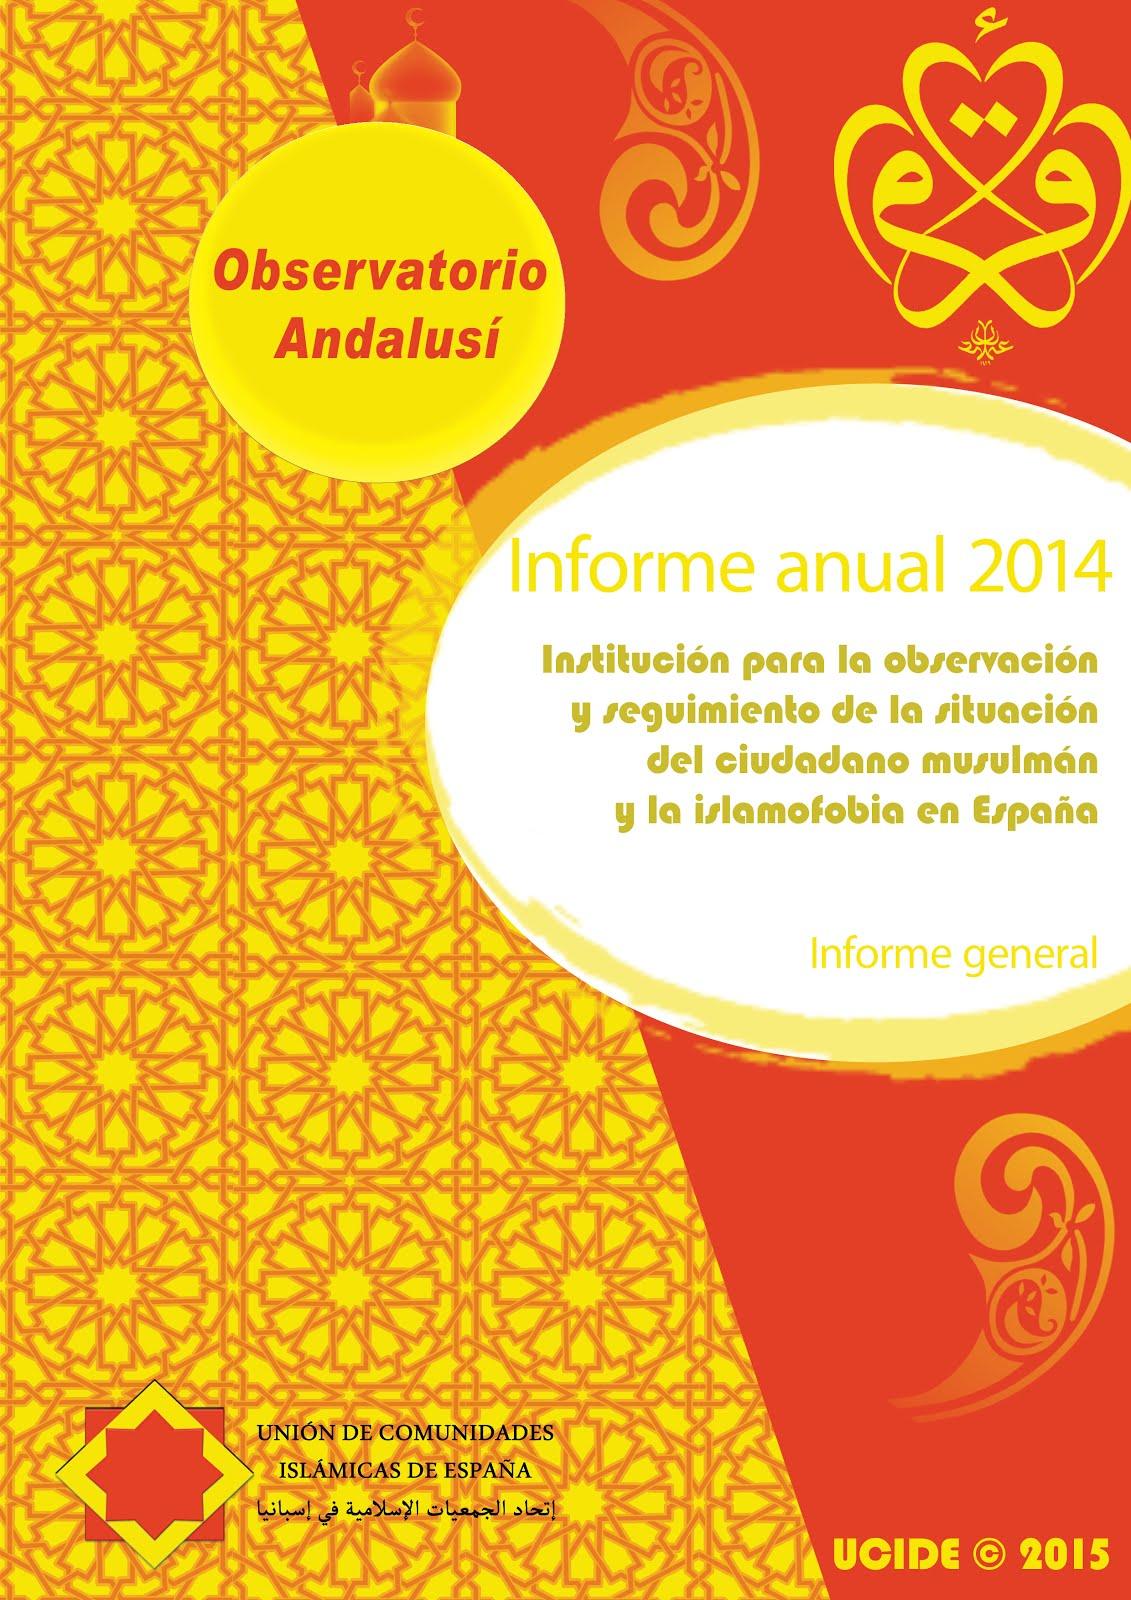 Informe anual de 2014 del Observatorio Andalusí